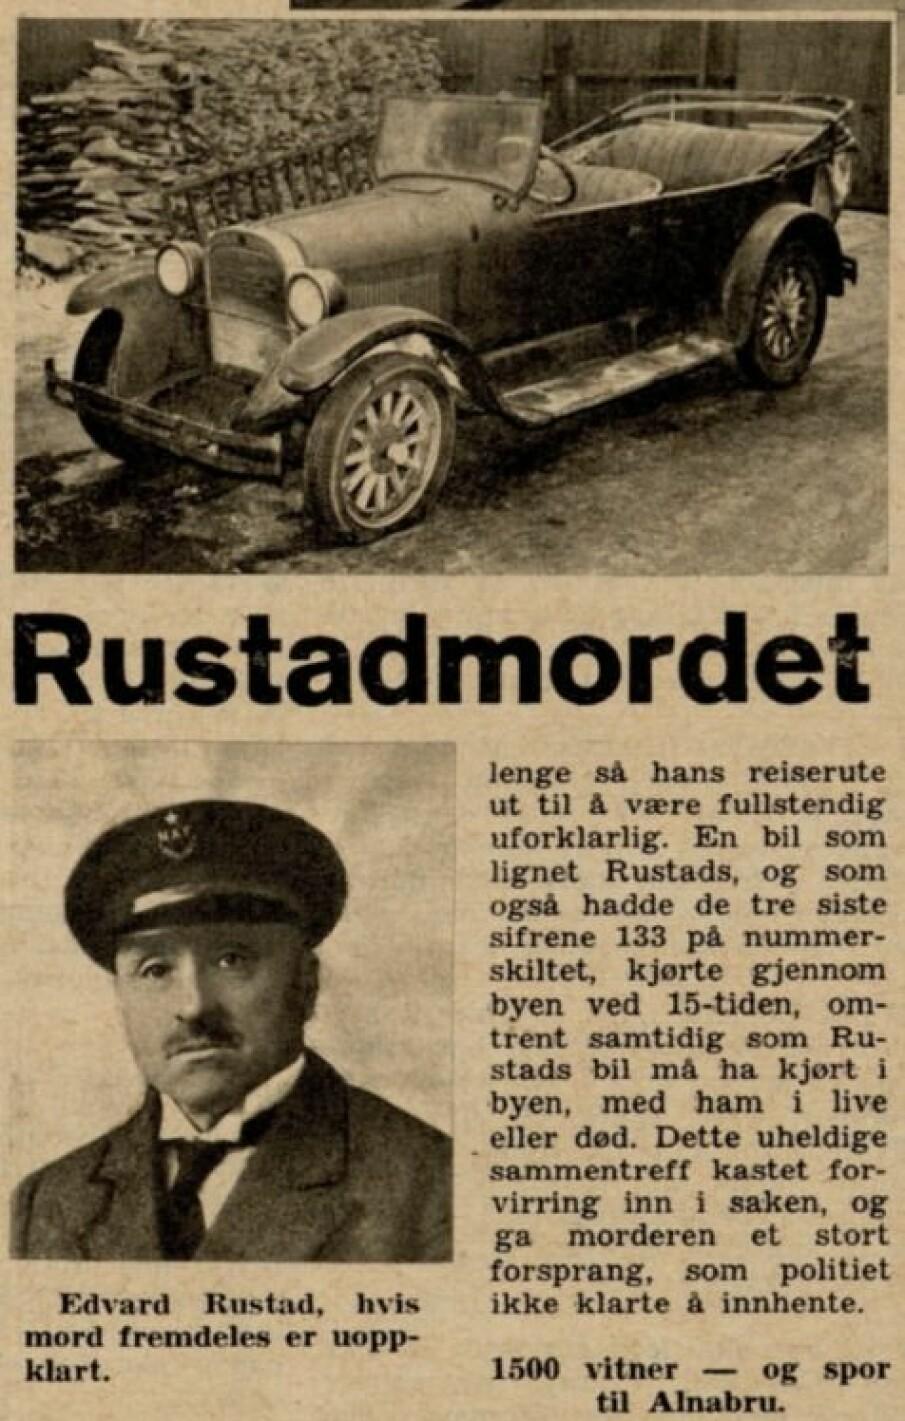 <b>FØRSTE ARTIKKEL I VI MENN: </b>Vi Menns første artikkel om drapet, med et bilde av Rustads Dodge. Den var på vei til opphugging, etter å ha blitt oppbevart av politiet i 18 år.